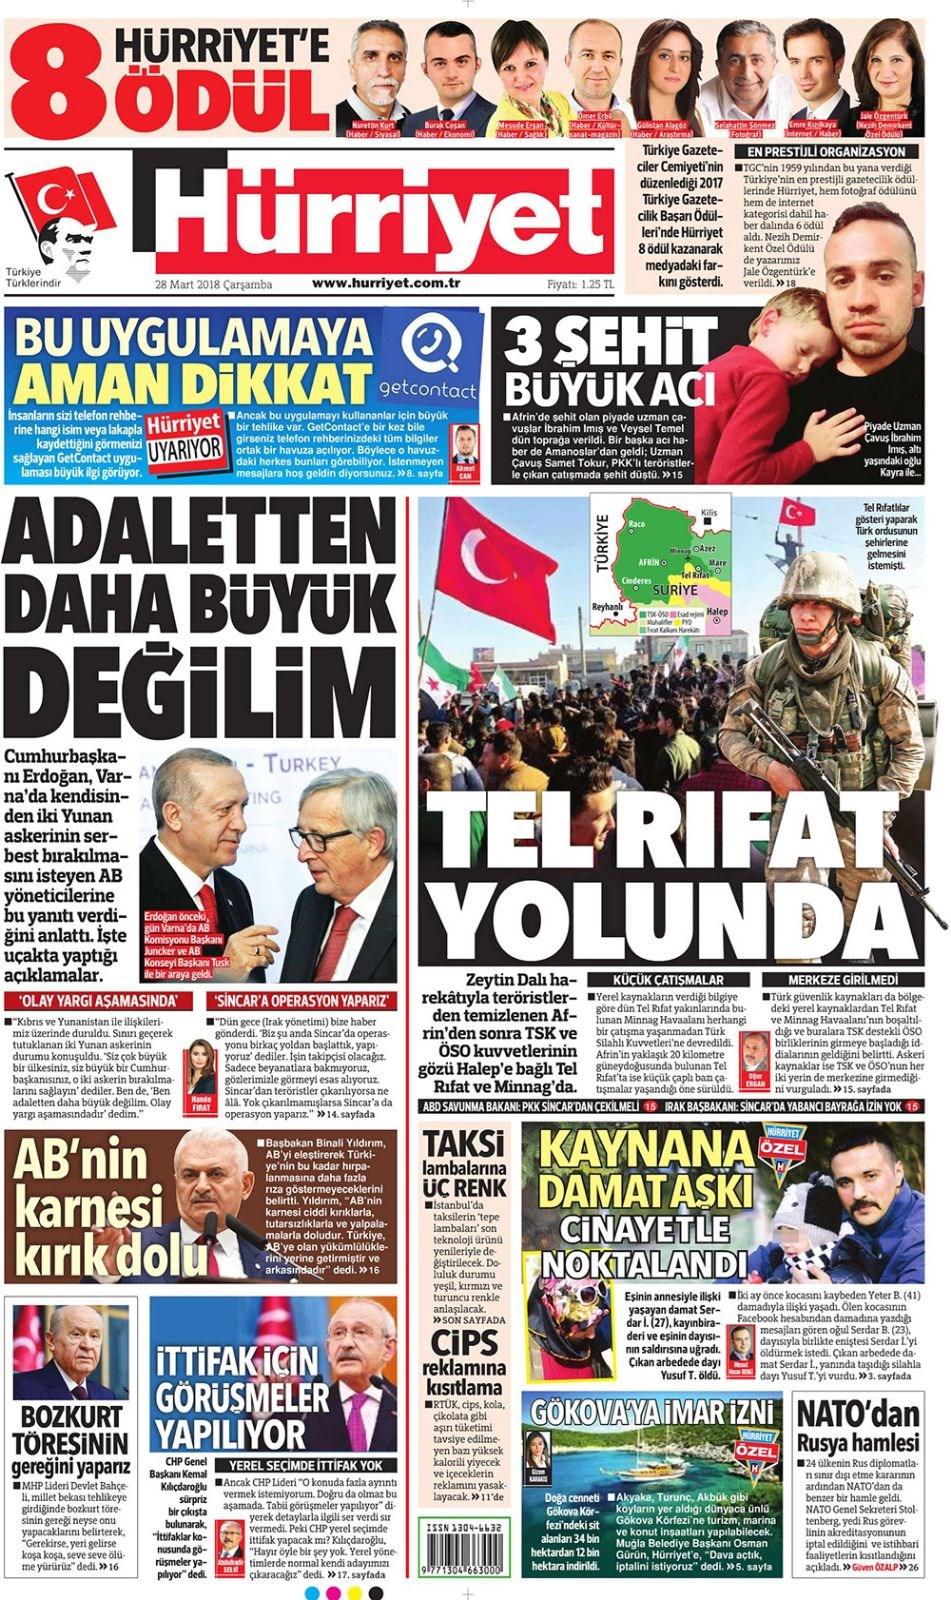 Posta Gazetesi gazete manşetleri 1 birinci sayfaları